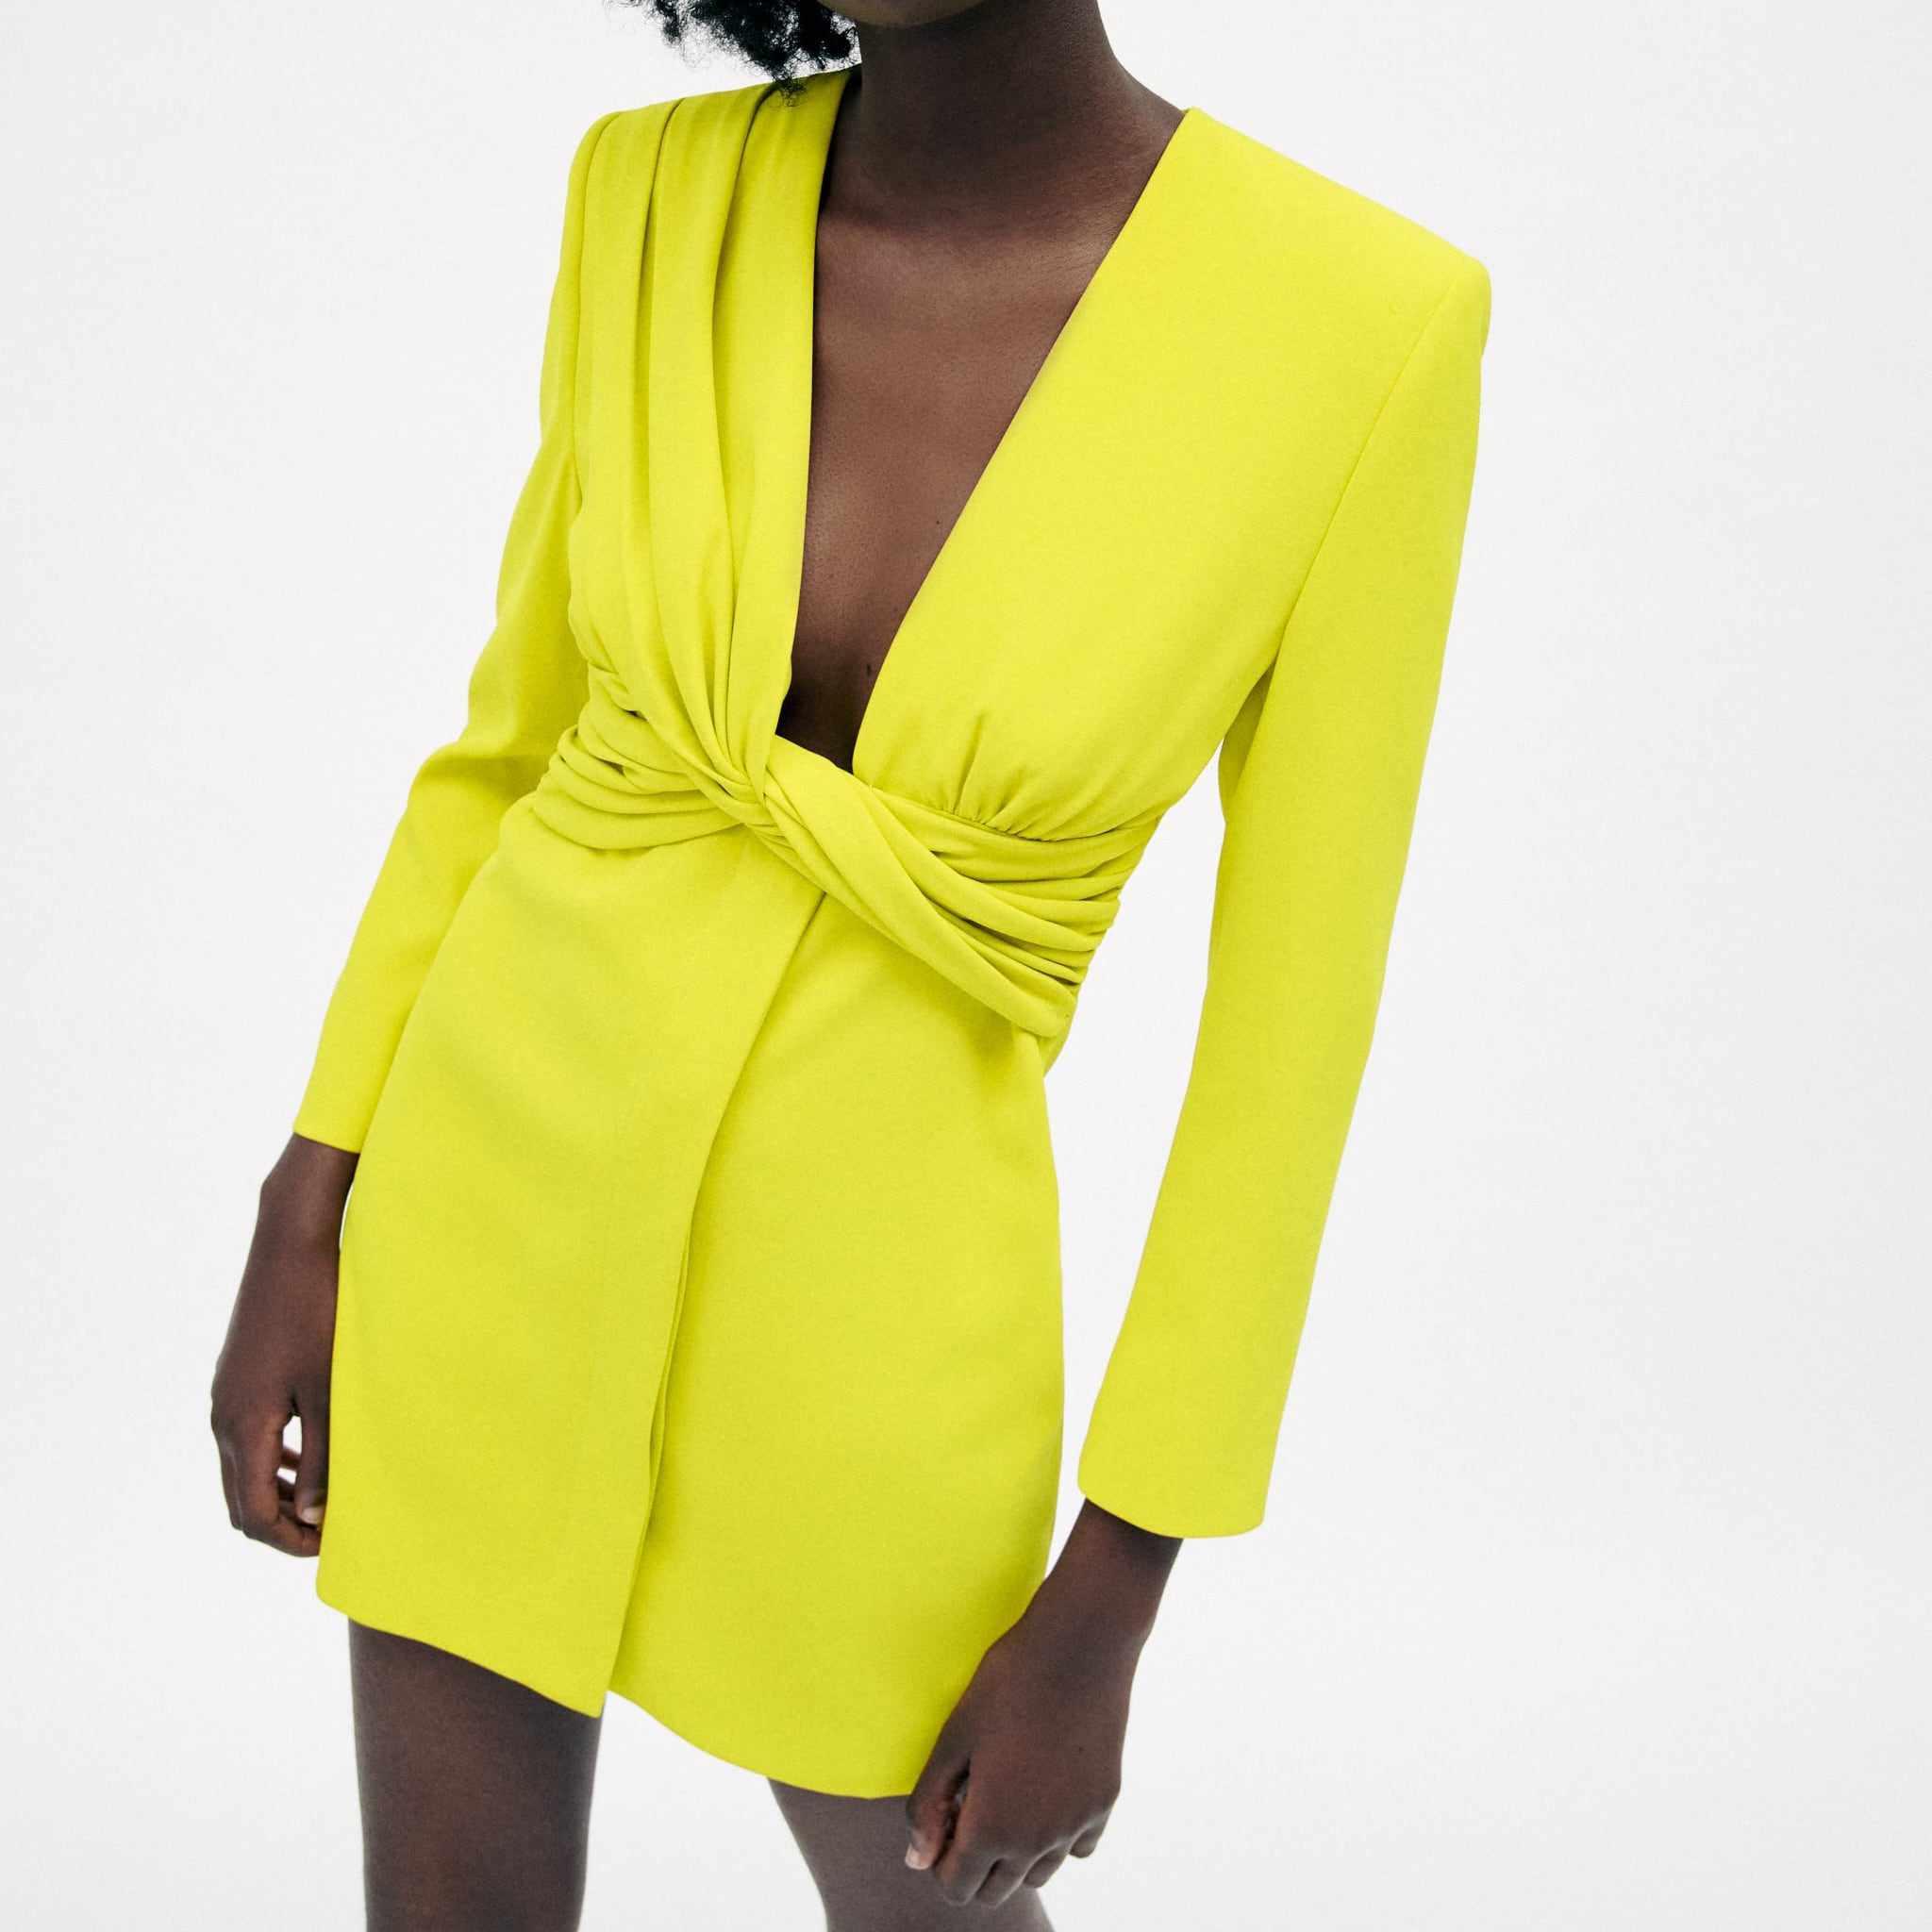 Zara Blazer Dress Limited Edition